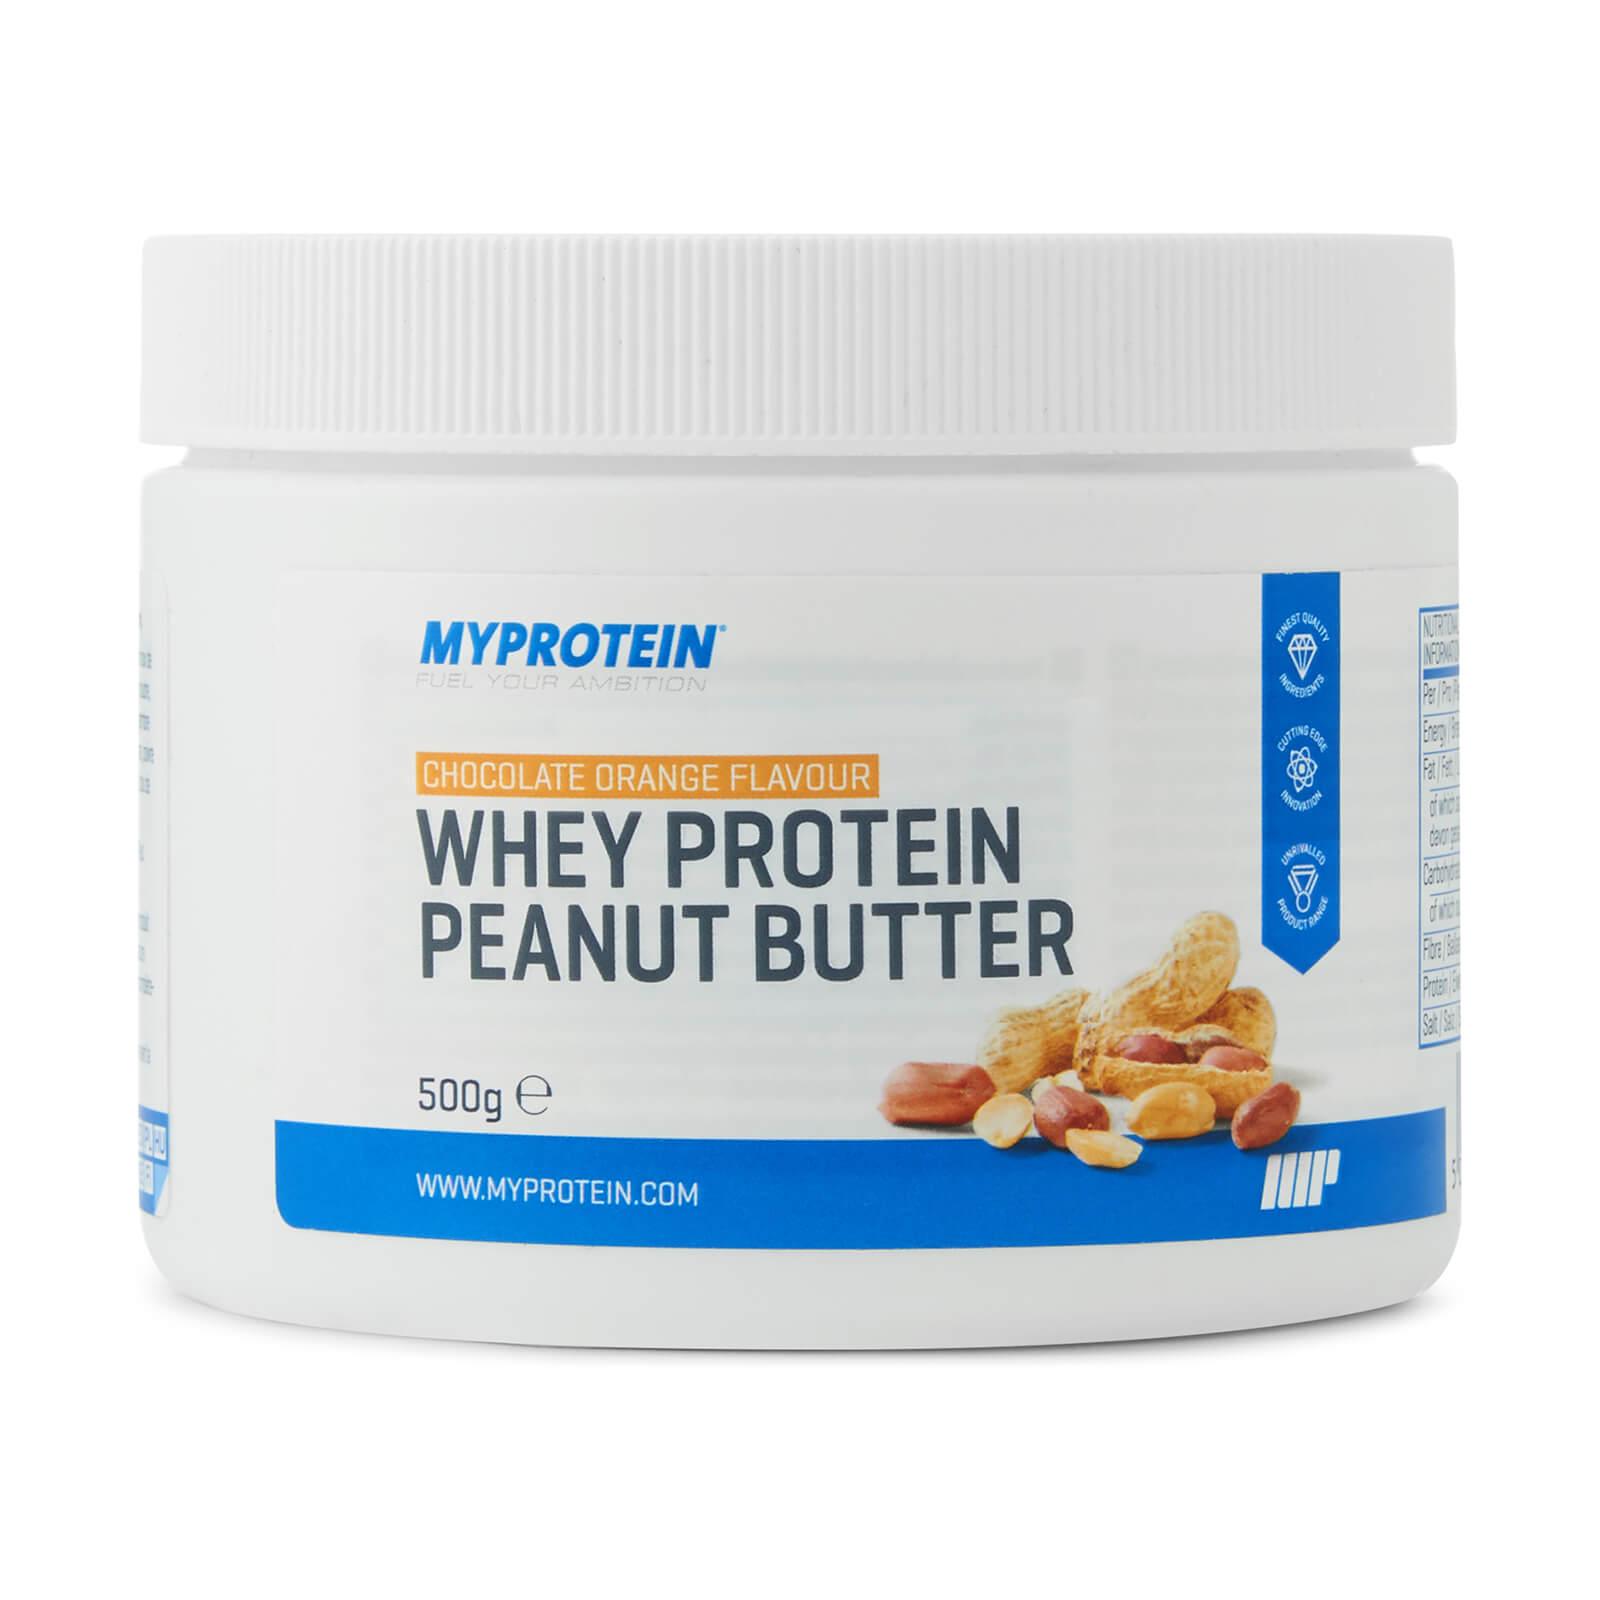 Myprotein Beurre de cacahuète protéiné - 500g - Chocolat-Orange